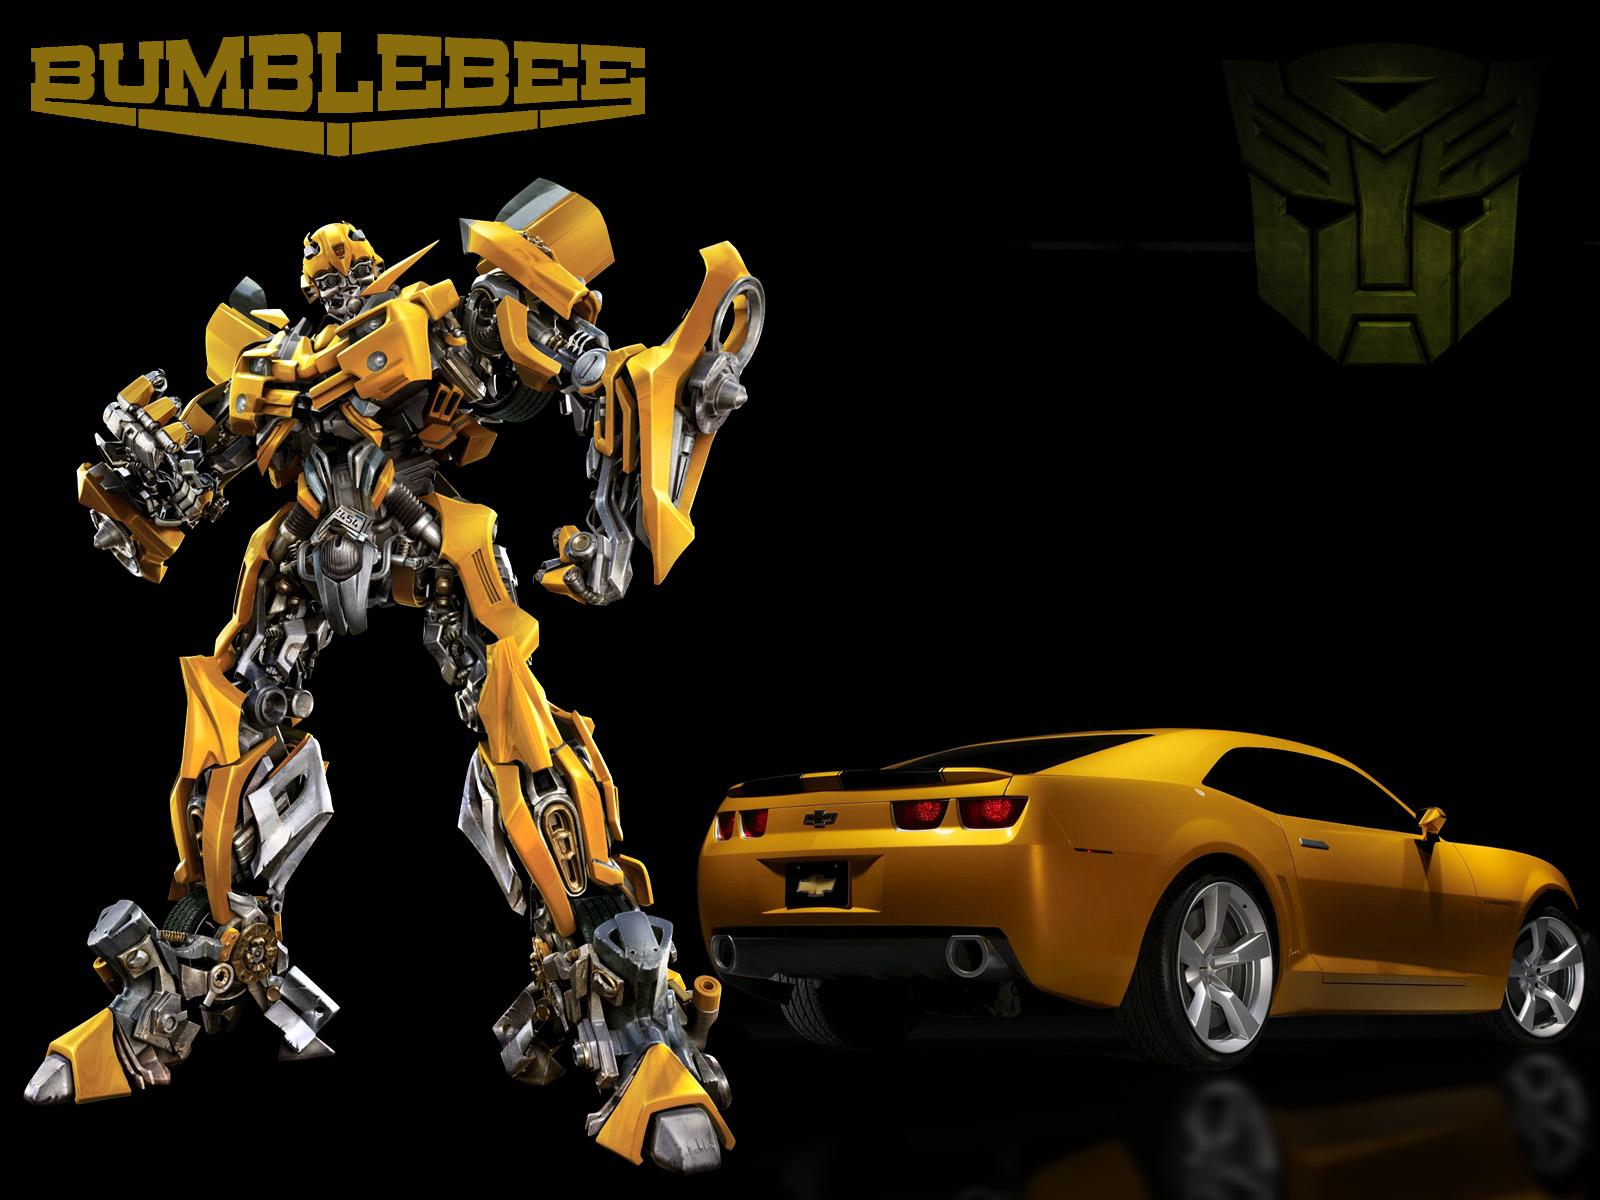 http://3.bp.blogspot.com/-PpOGym2qMLo/UW9g9_-VnNI/AAAAAAAArm0/IhNc7A4n9ys/s1600/Transformers+wallpaper+(10).jpg